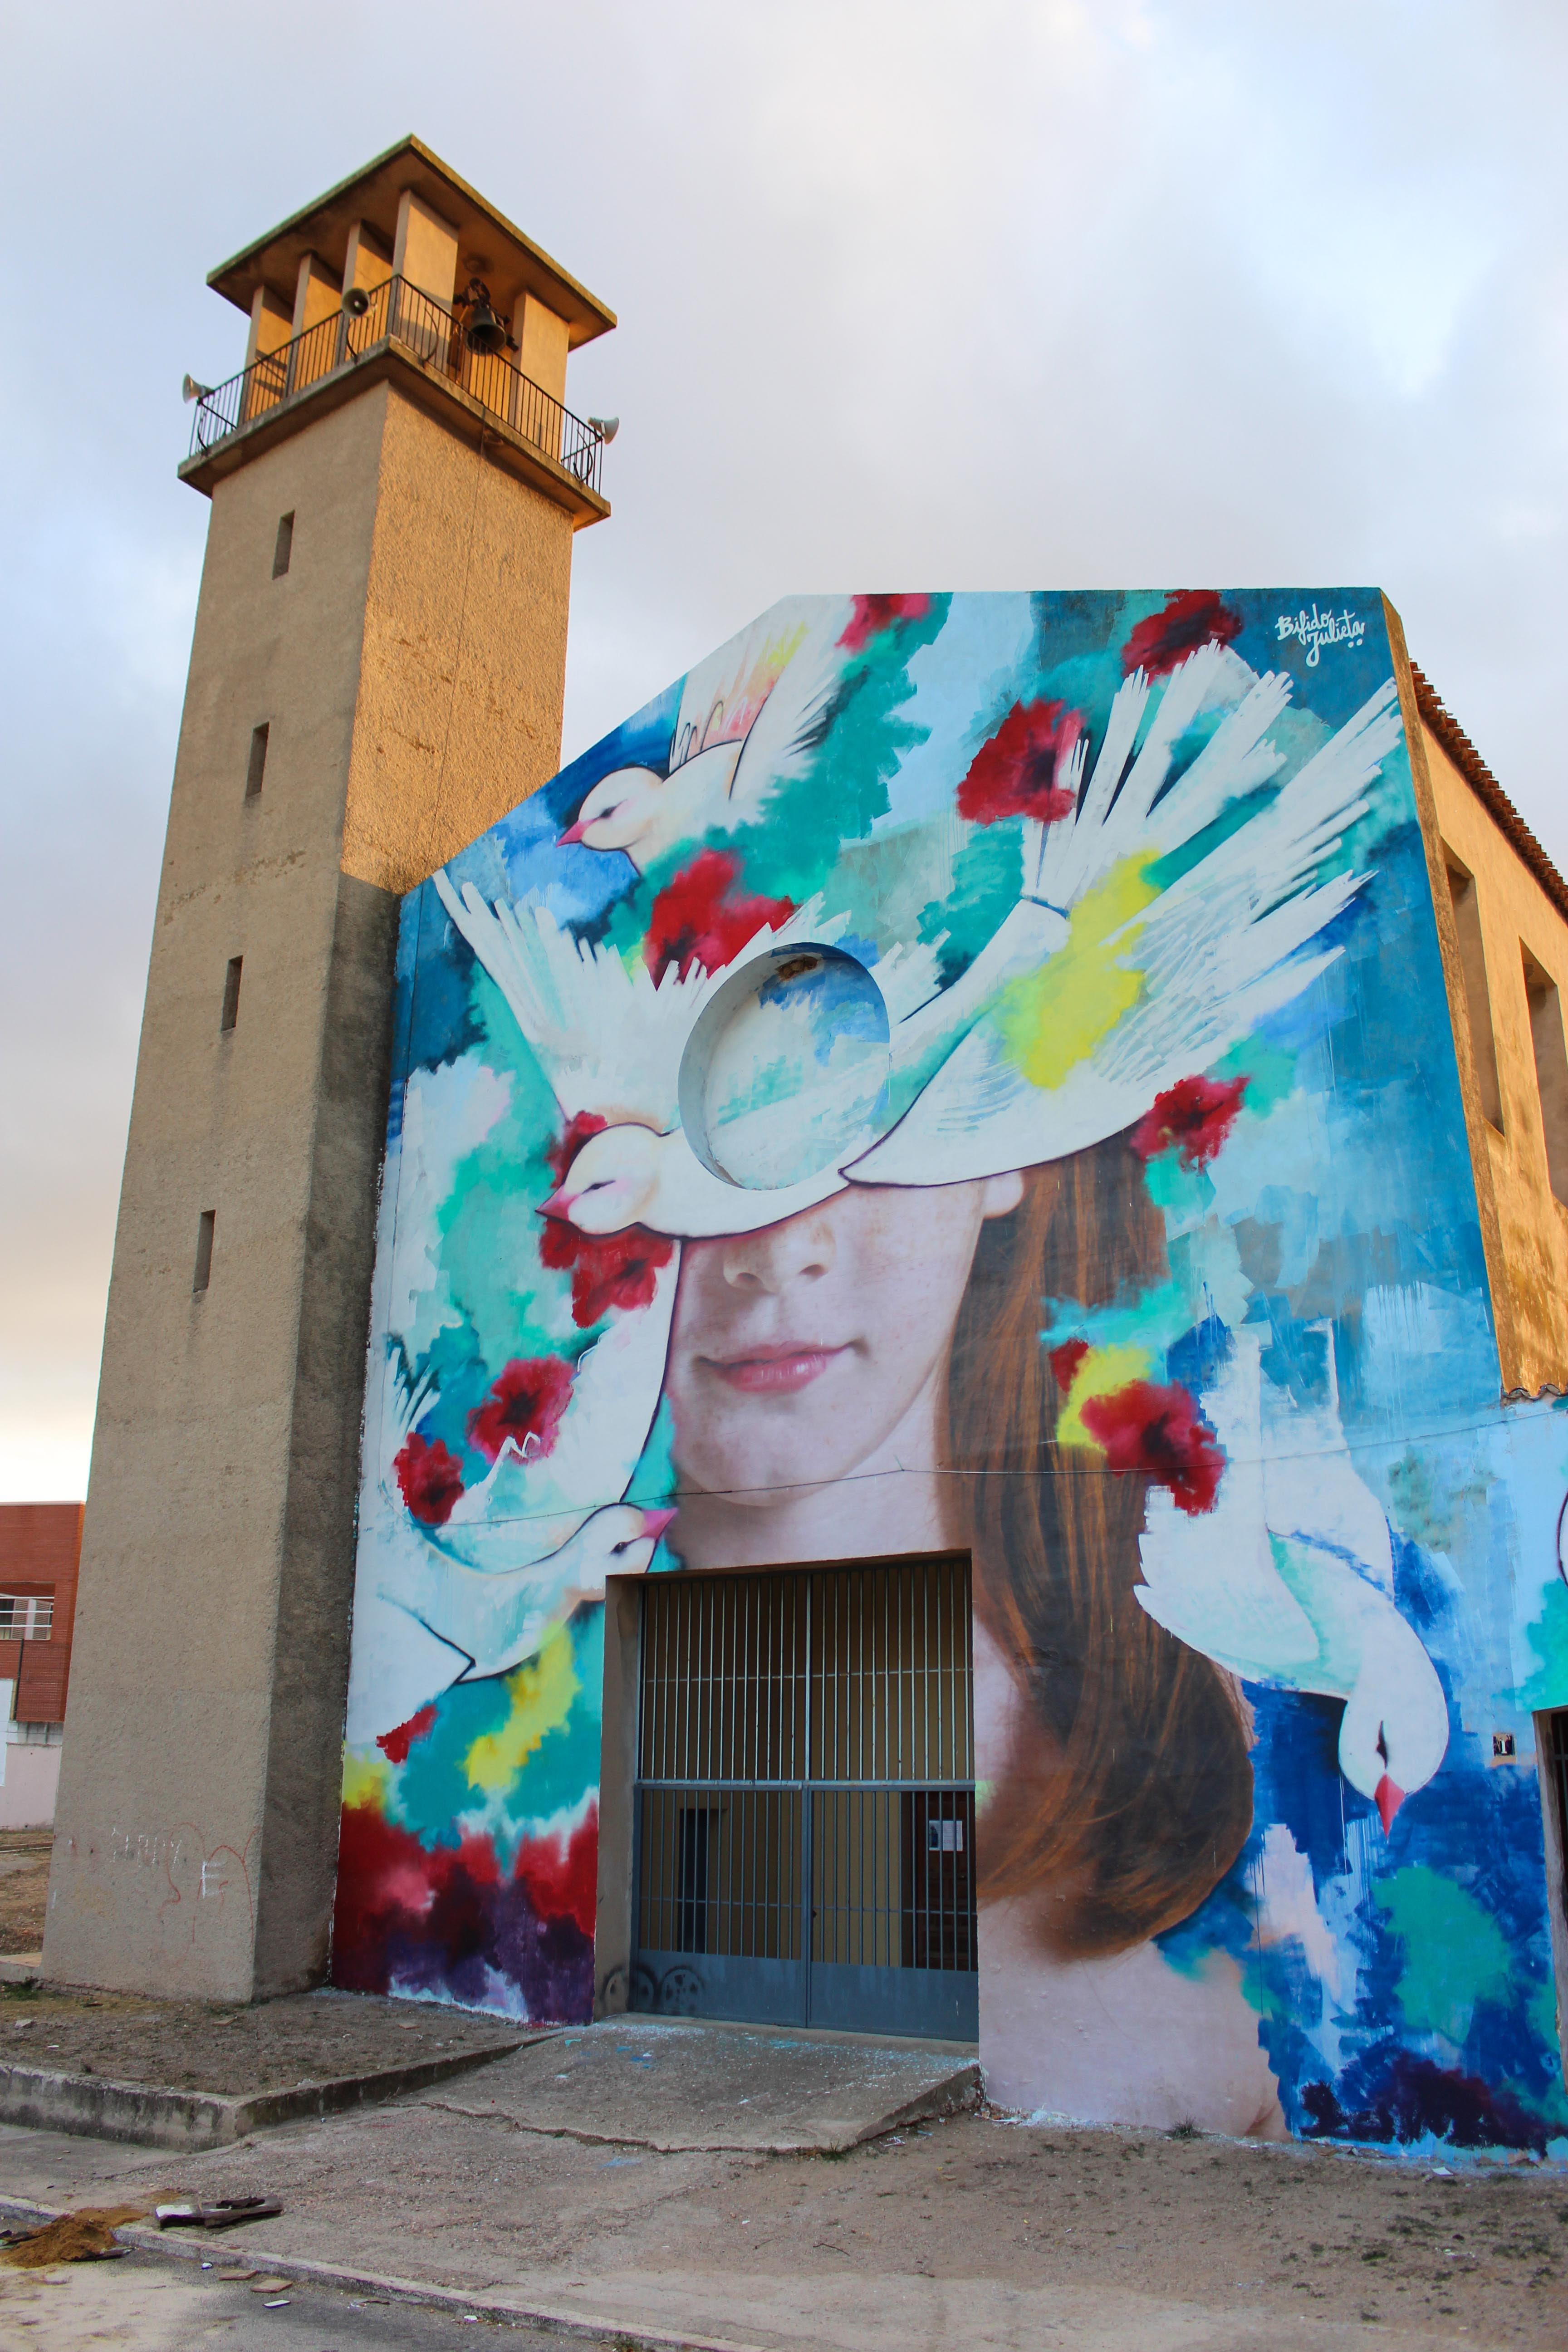 Ego, il nuovo murale di Bifido e Julieta | Collater.al 2